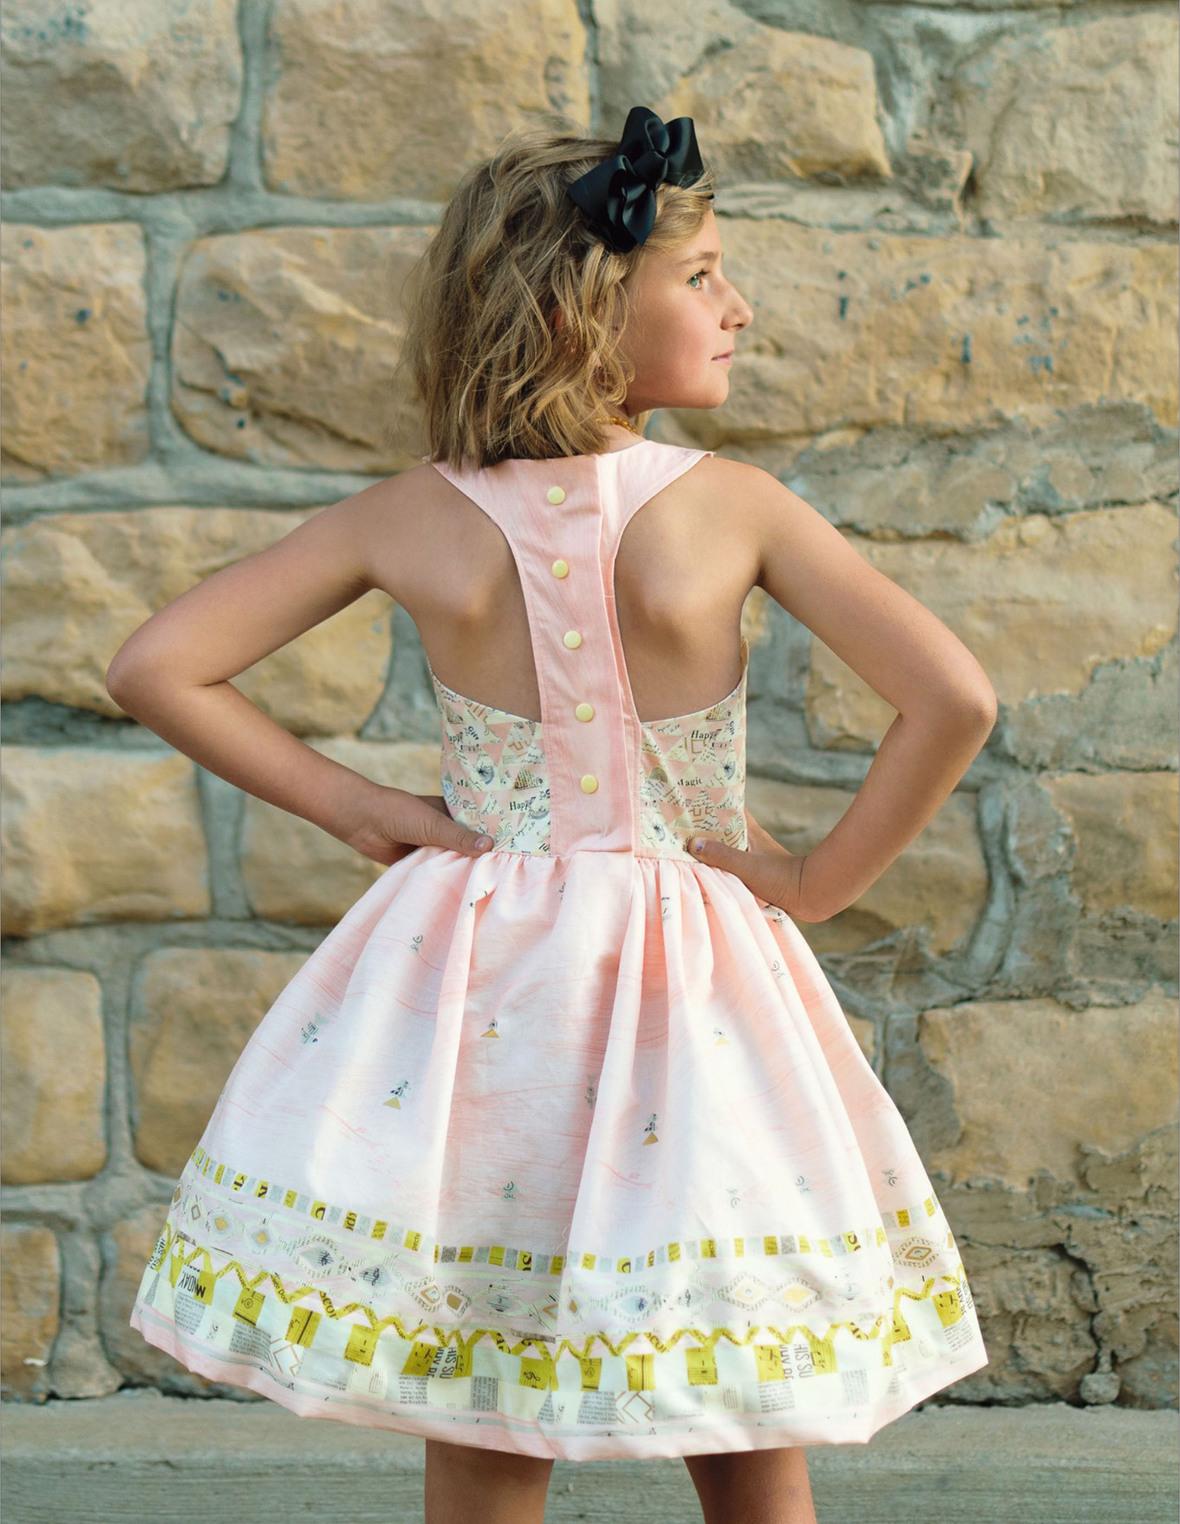 Aardbei Dress pattern from The Eli Monster